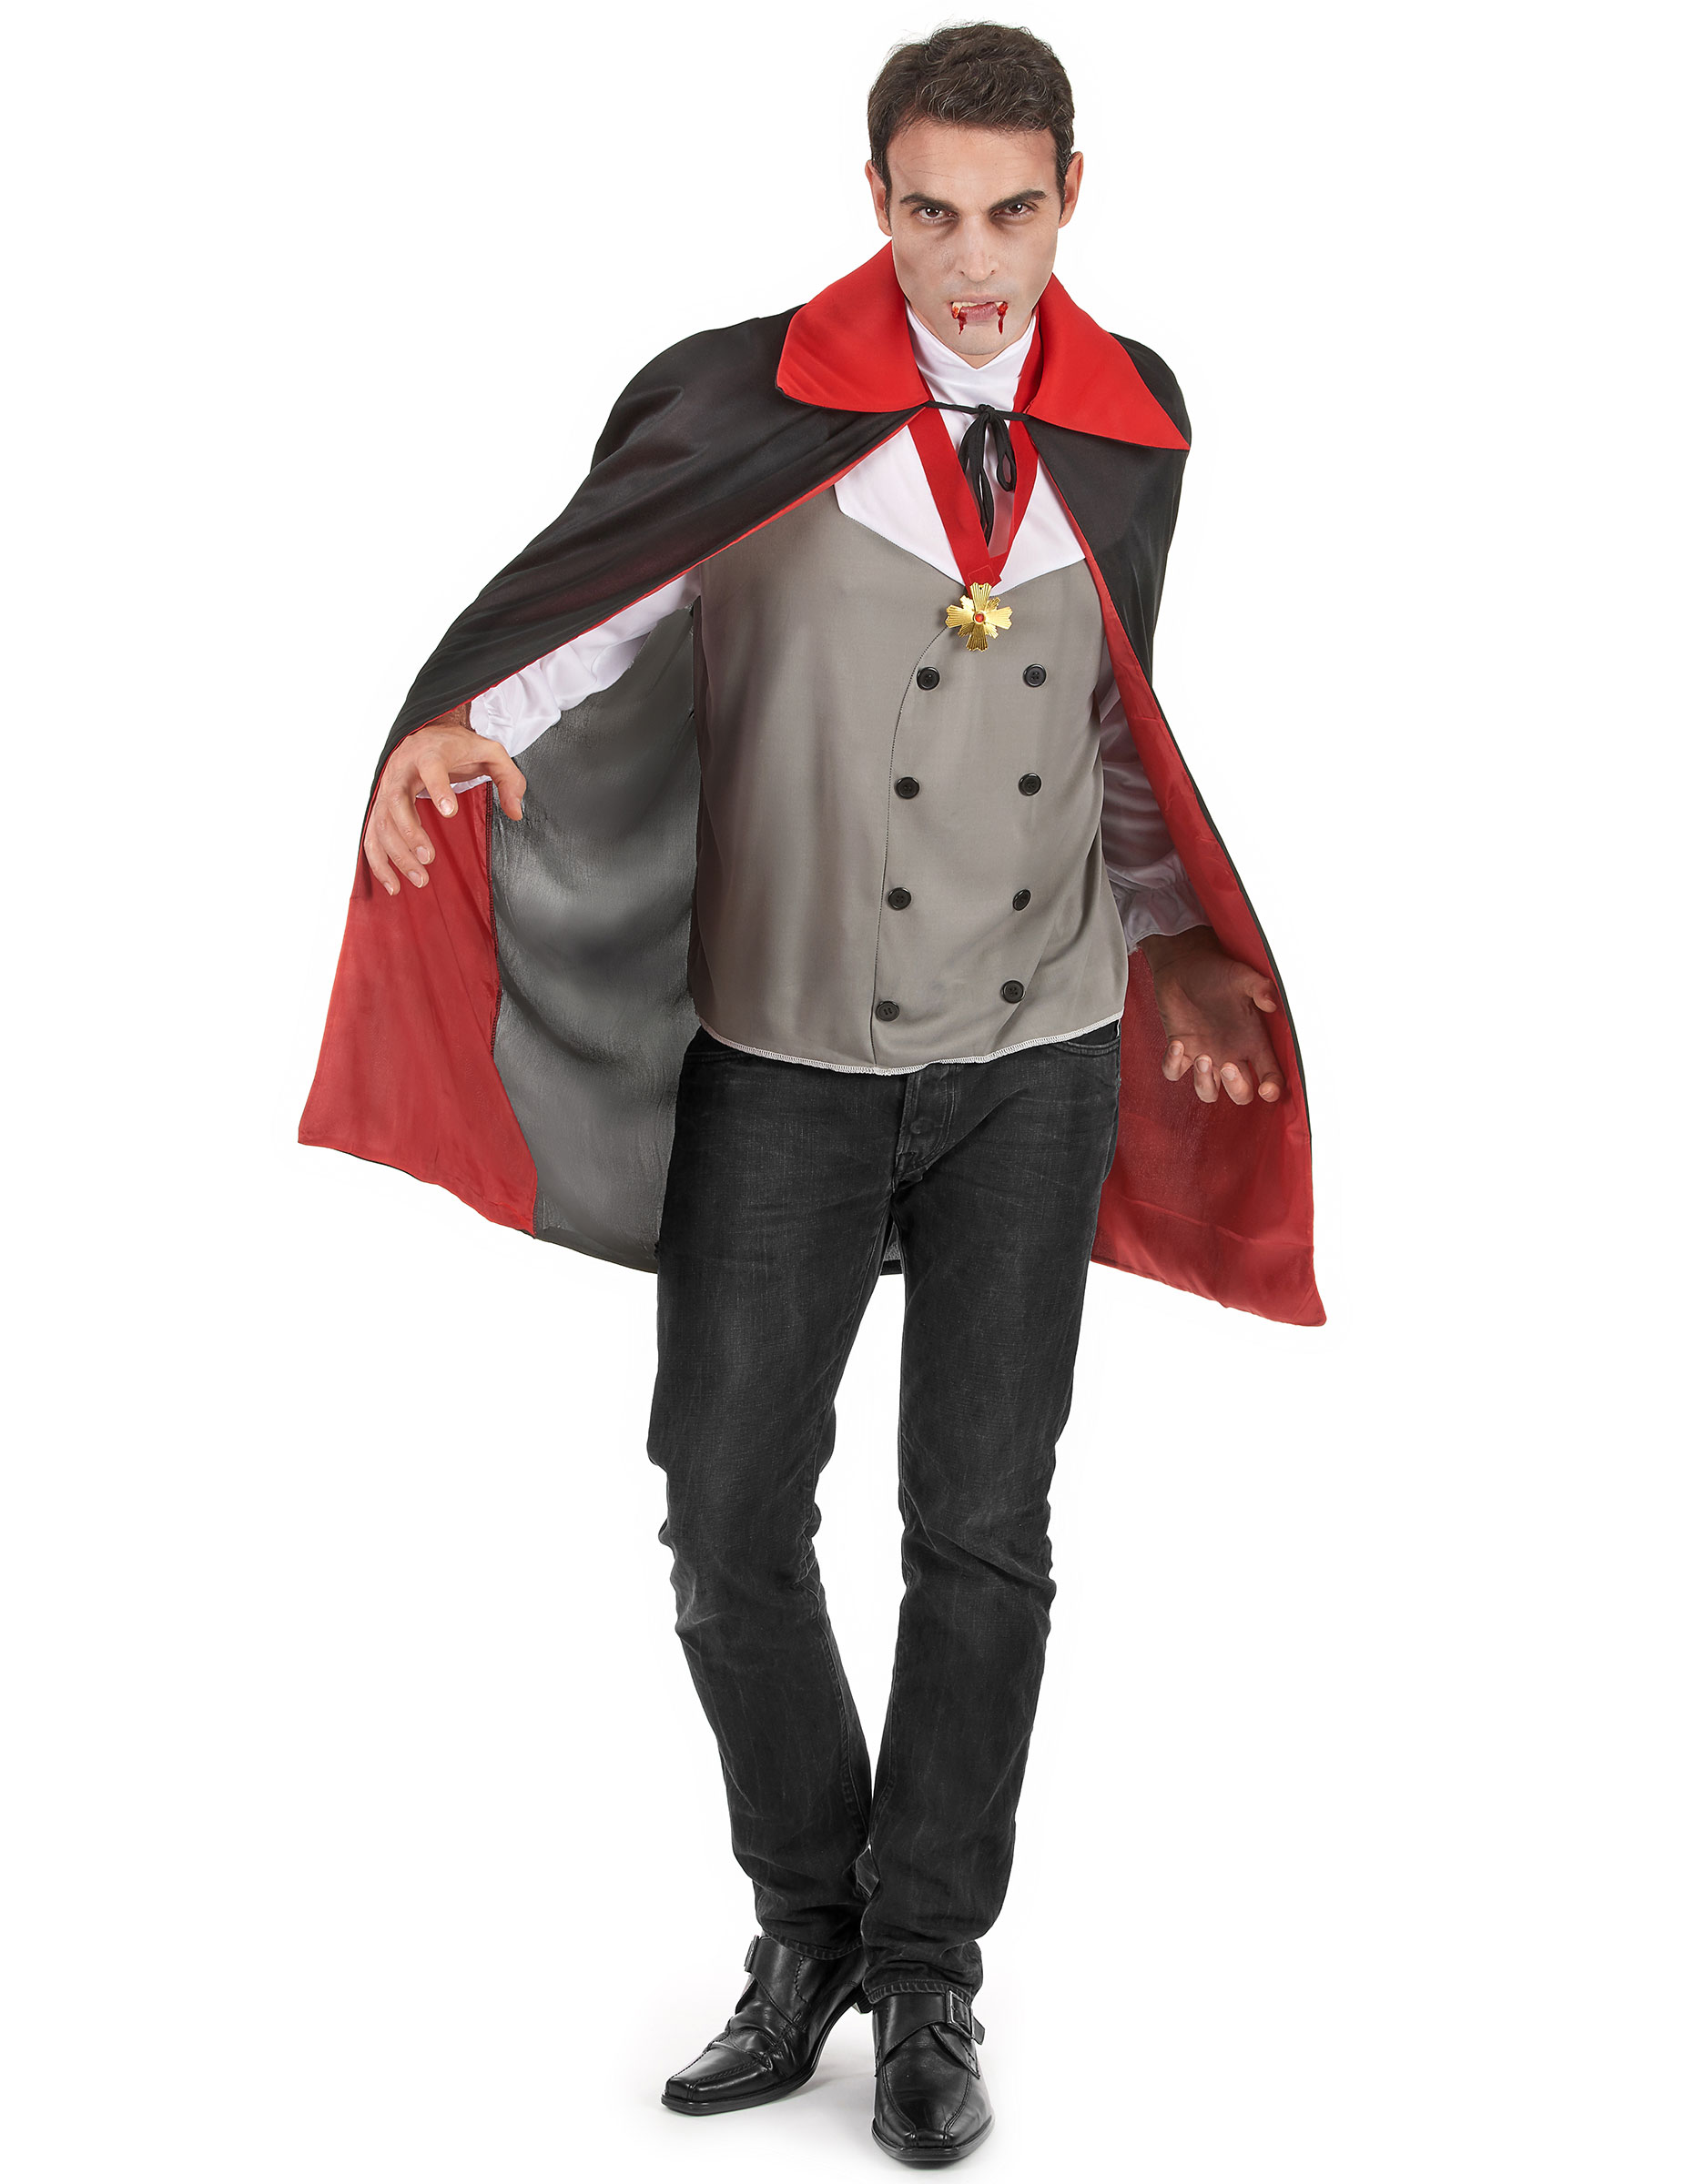 Vampyrkostym - Kläder till Halloween för vuxna 9c0fdeb502bf8